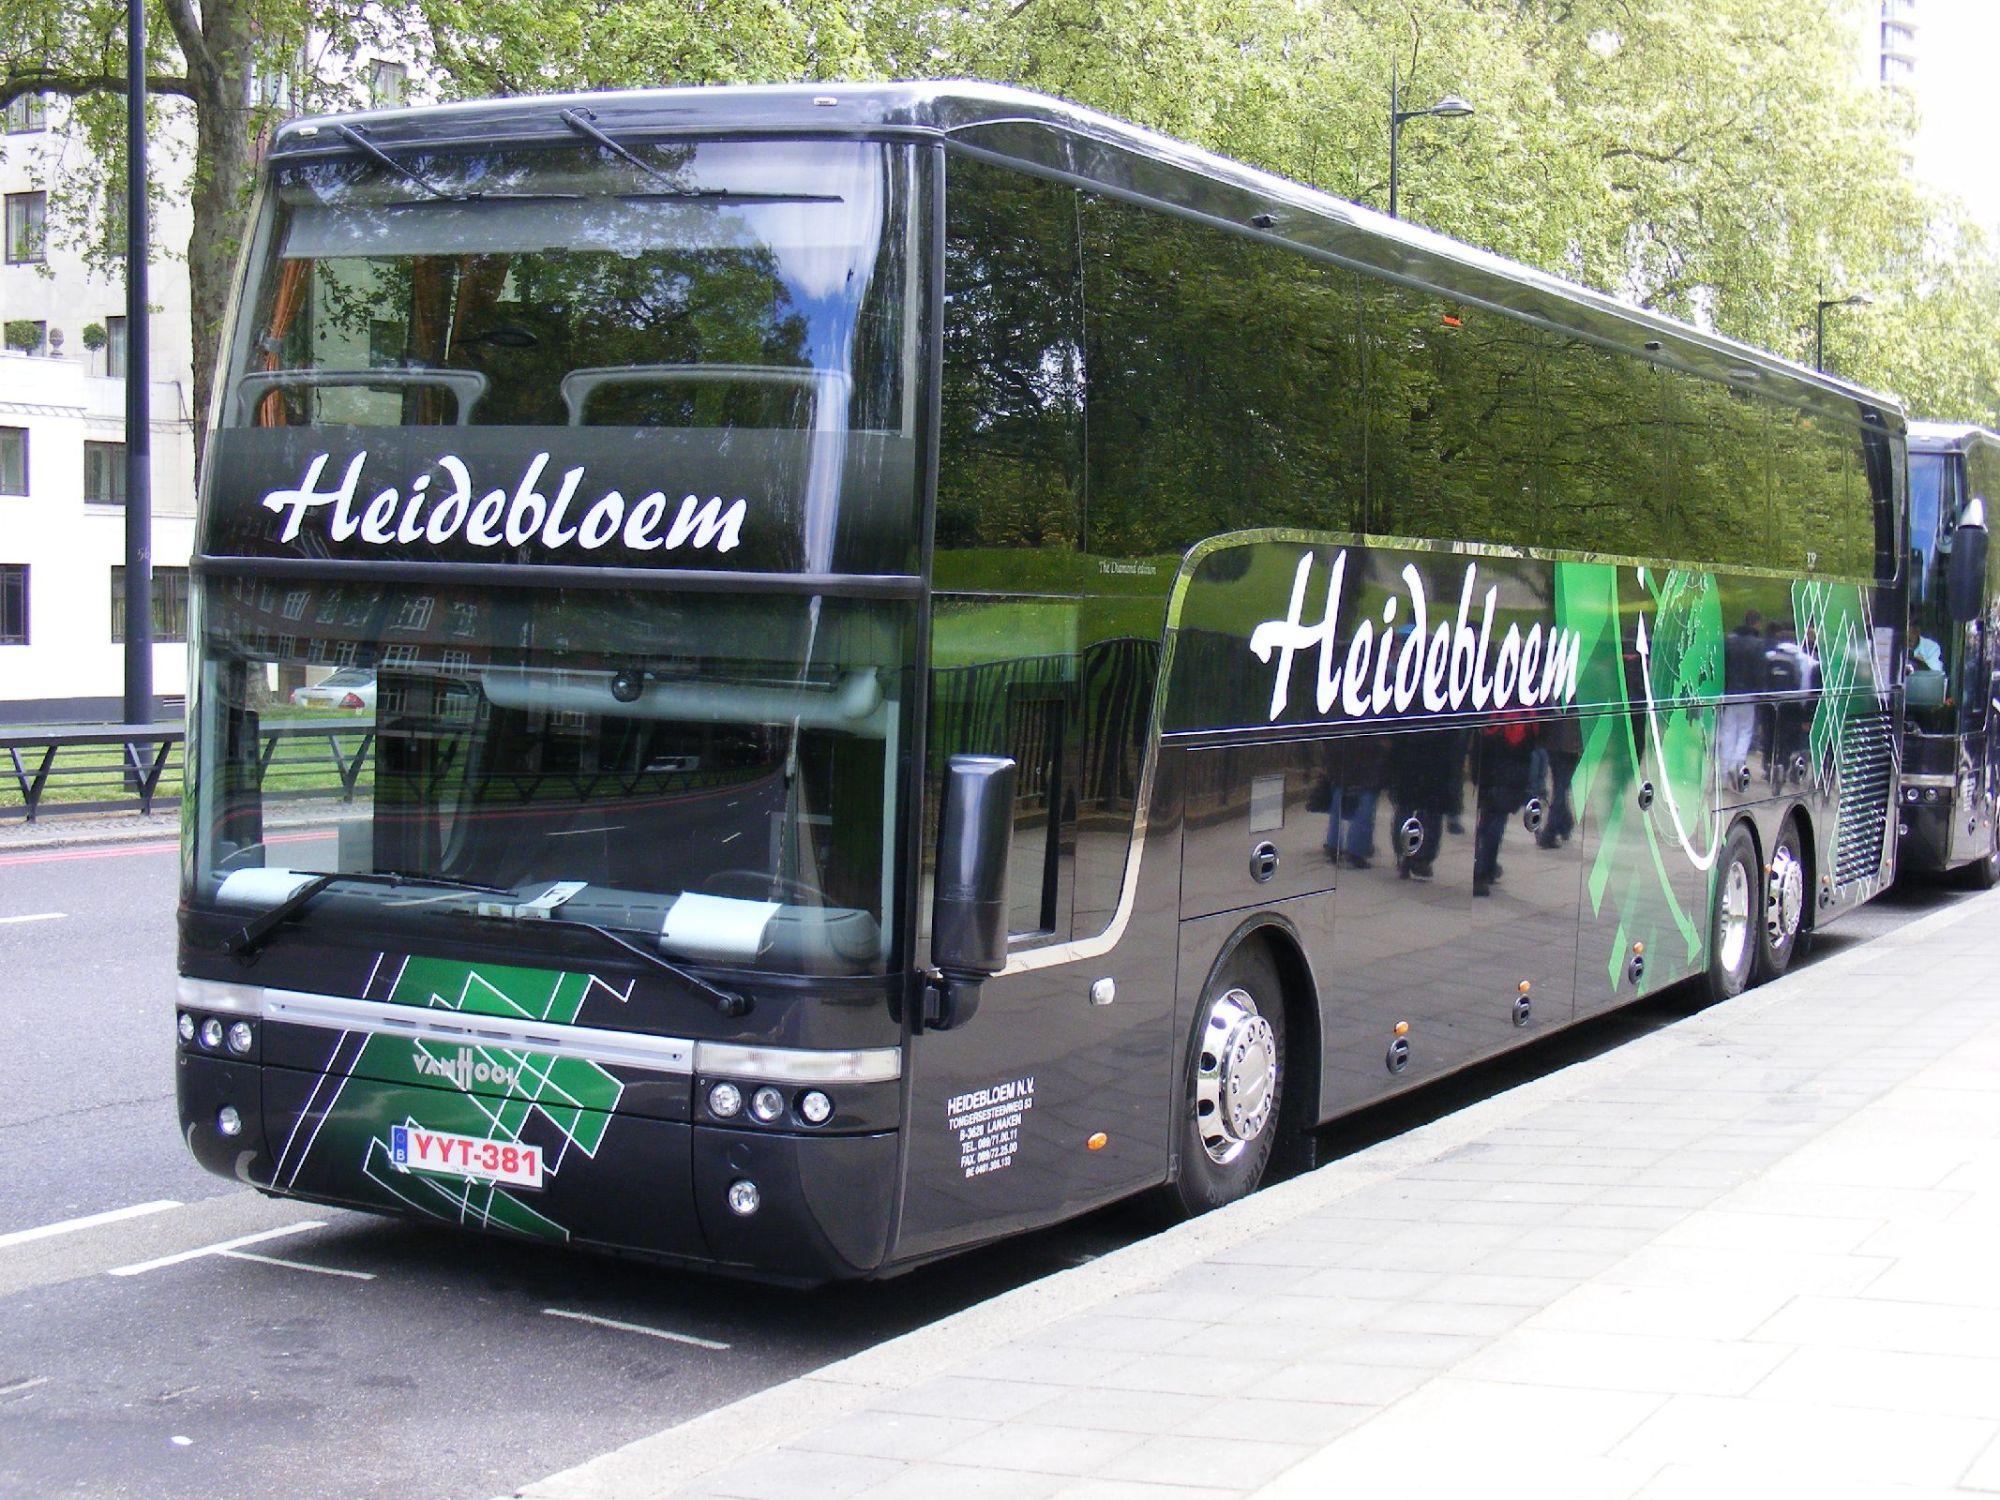 hight resolution of file van hool diamond edition t917 vyt381 heidebloem lanaken belgium flickr sludgegulper jpg